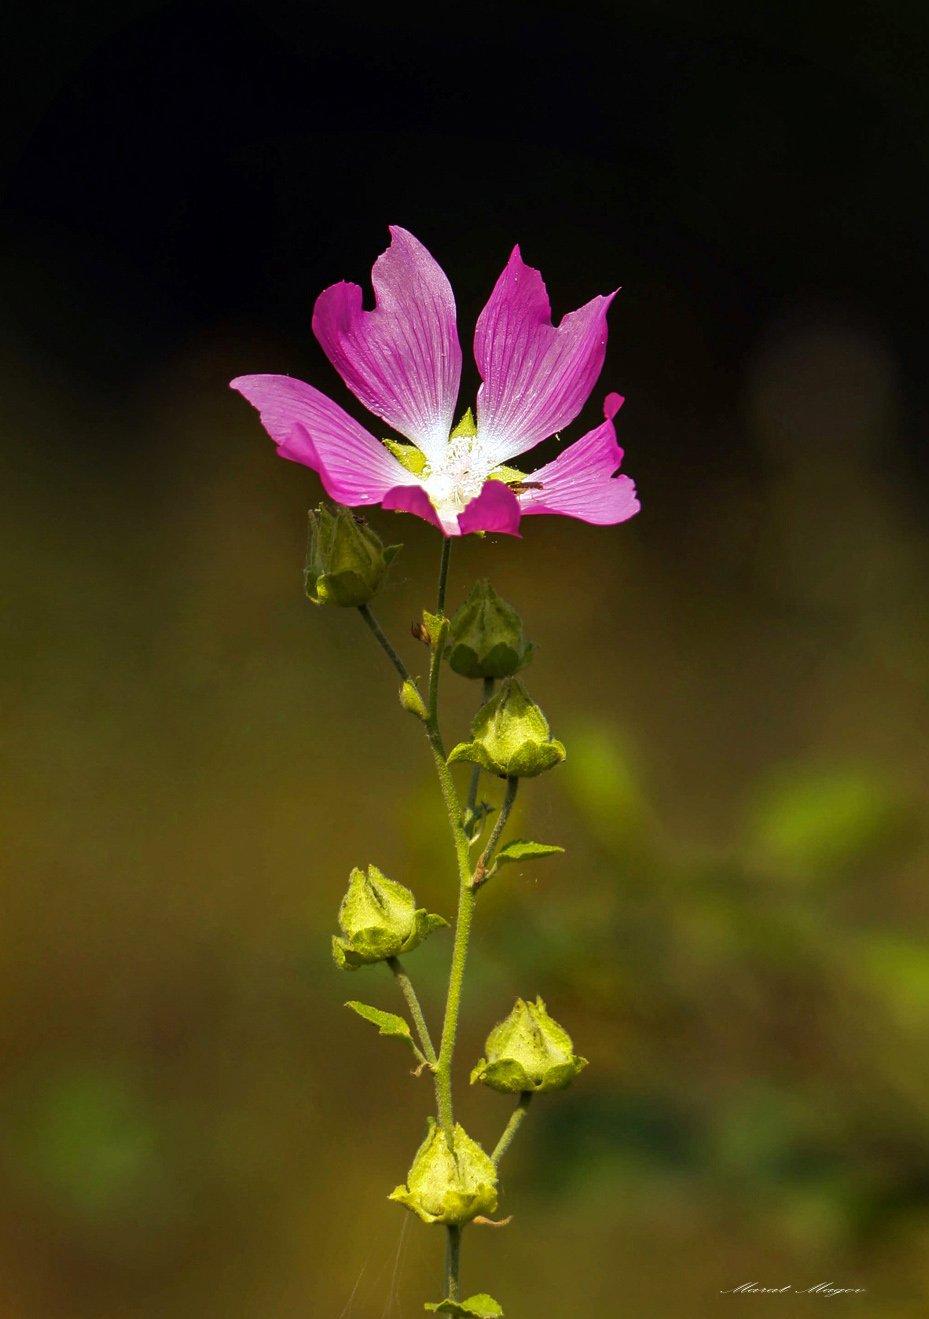 цветок,цветы,флора., Марат Магов